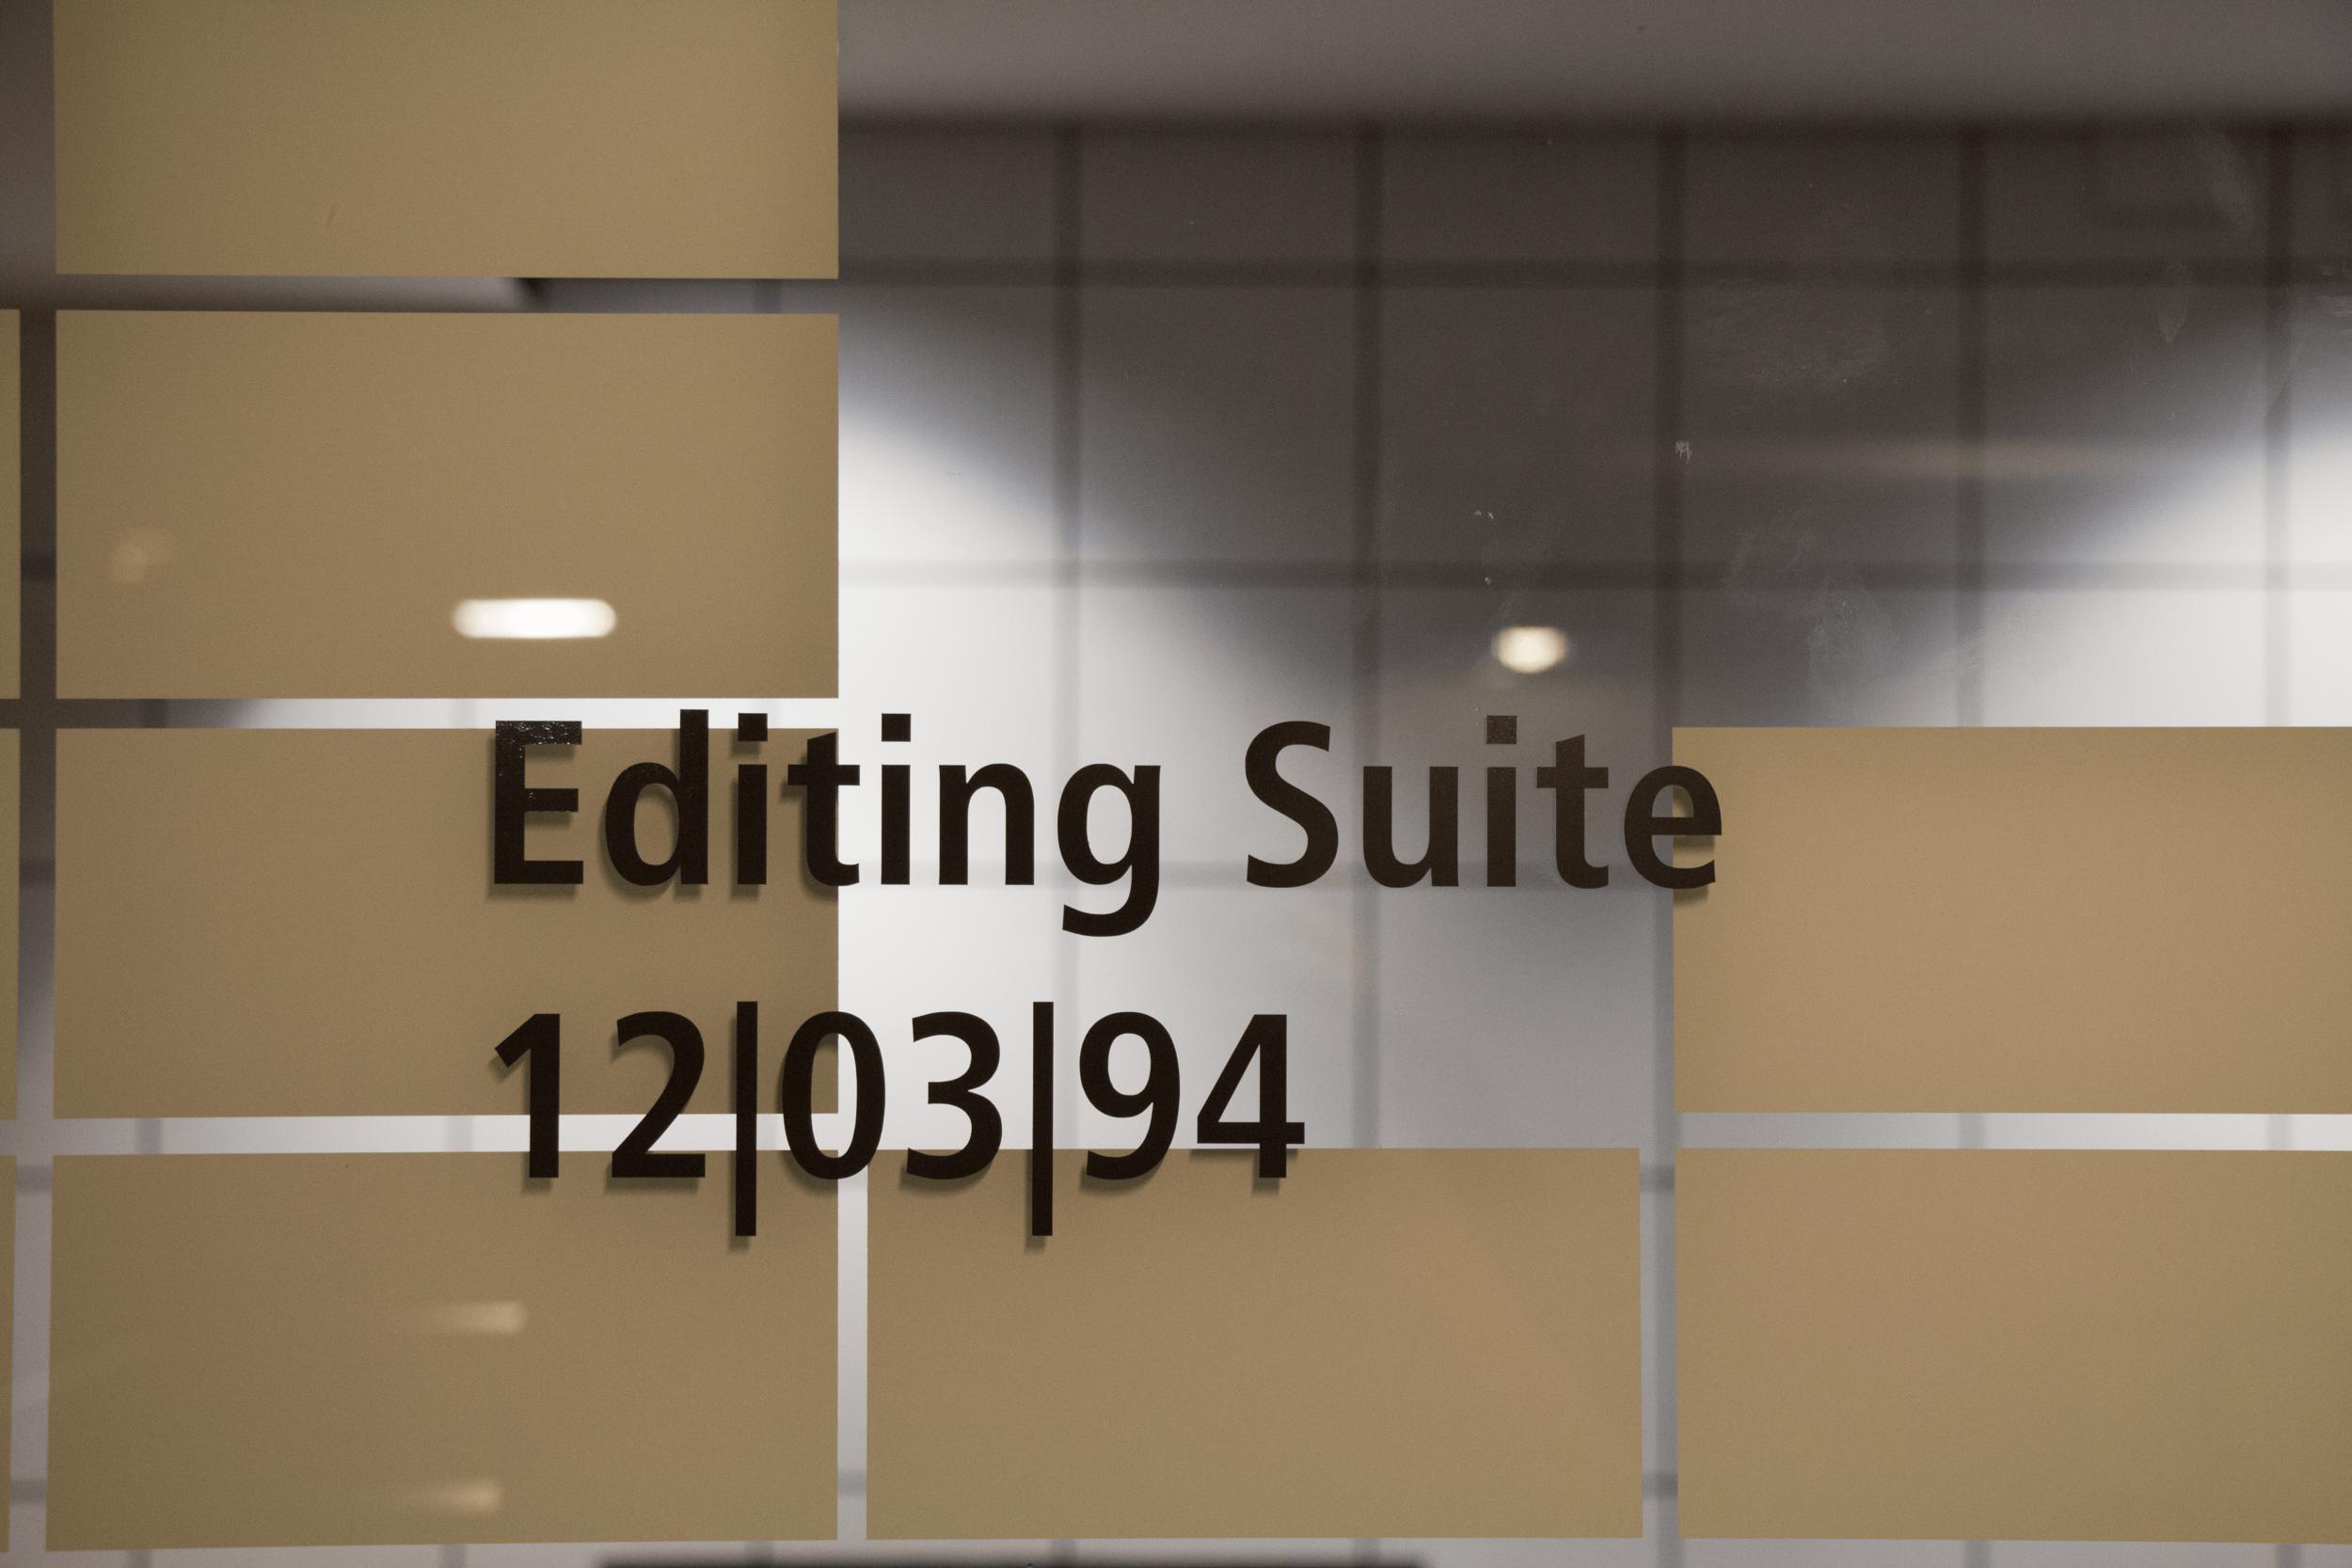 edit_suite.png